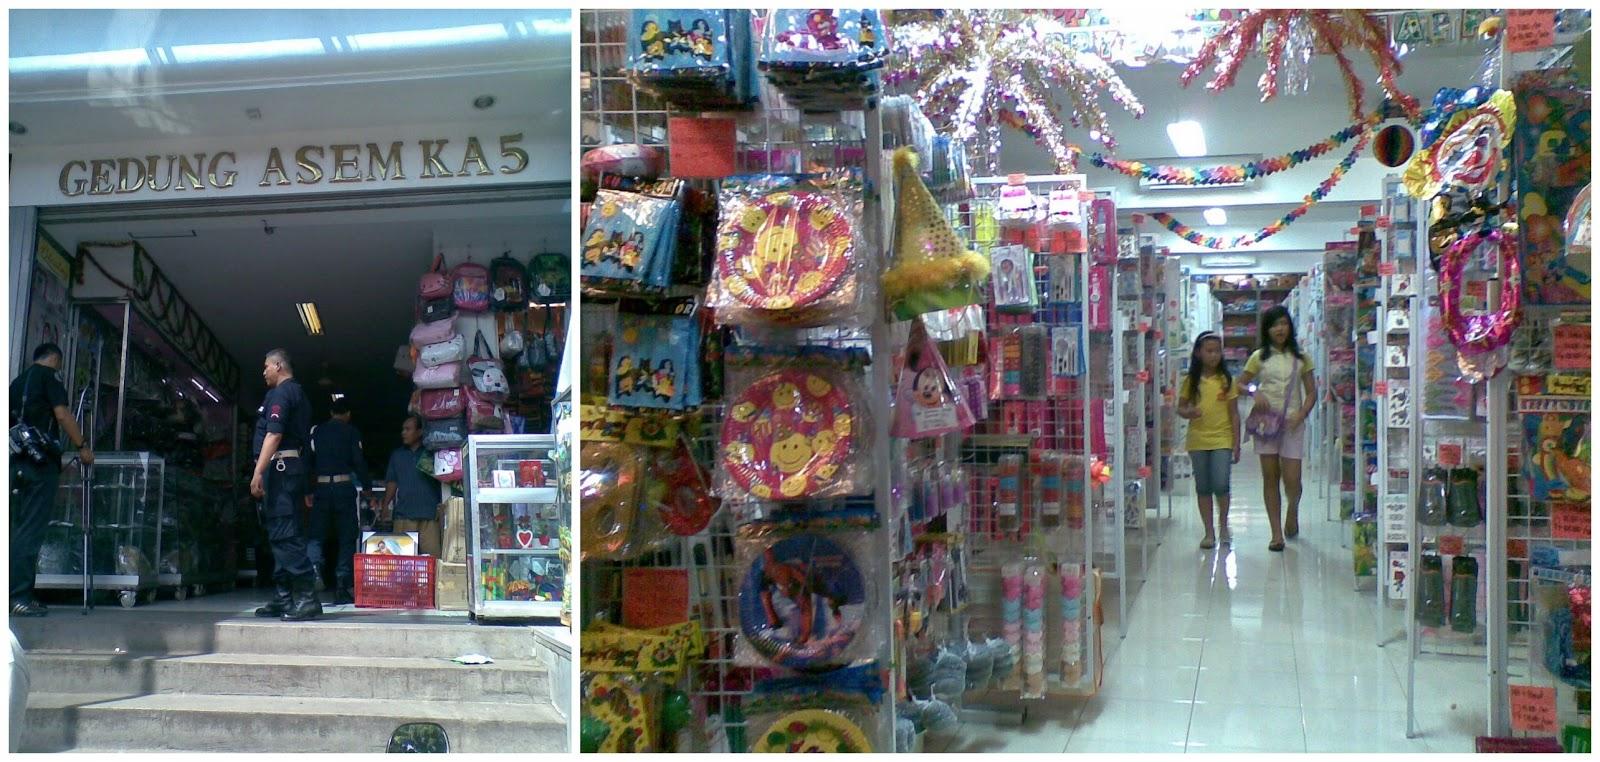 Squishy Di Pasar Asemka : 3 Hari 3 Pasar Sejuta Rasa Sejuta Cerita - Catatan Jeng Sri